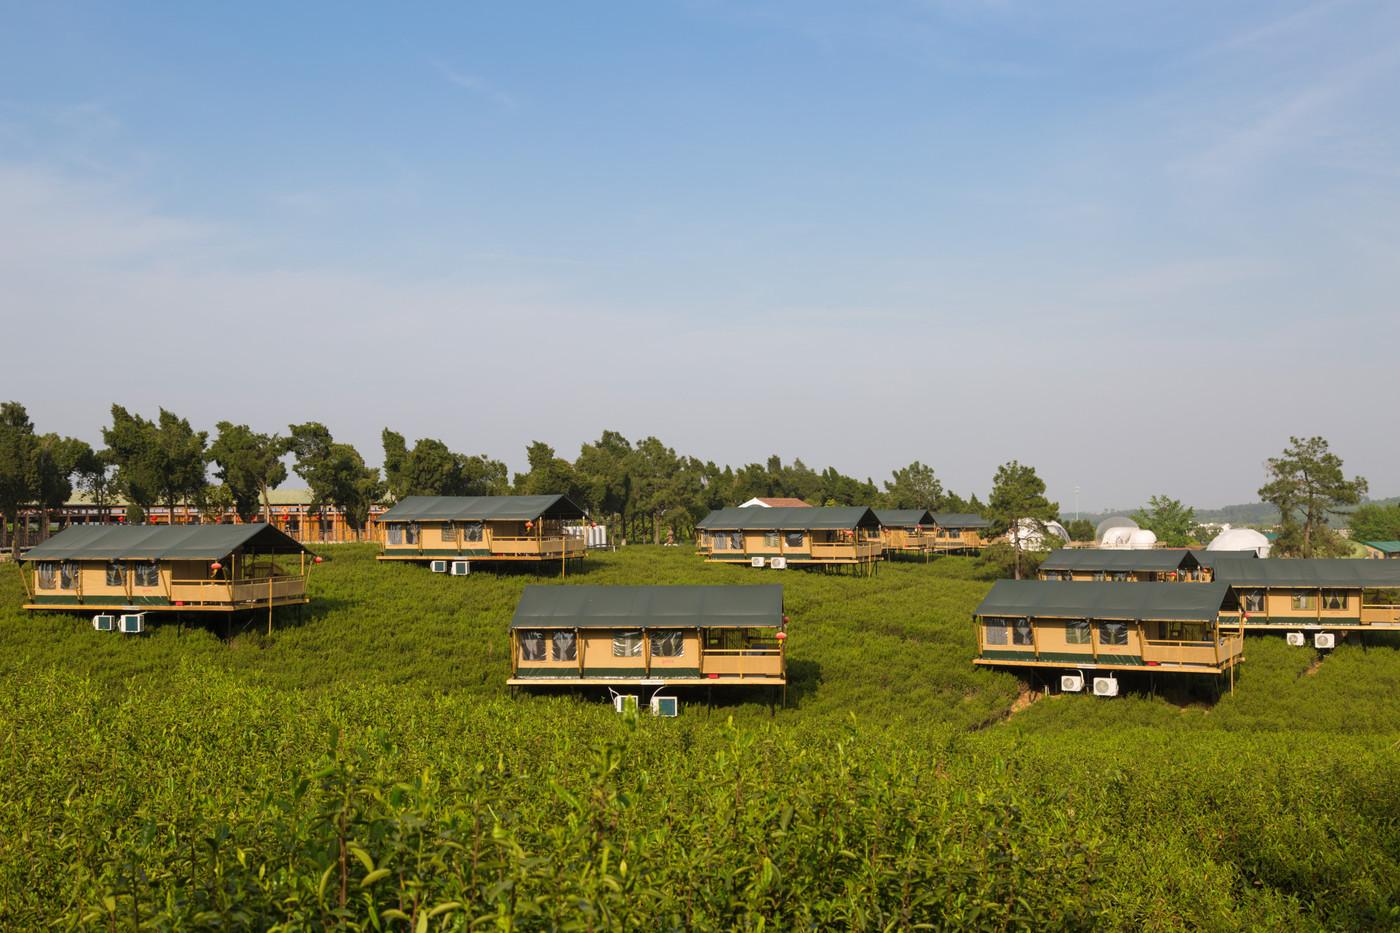 喜马拉雅野奢帐篷酒店—江苏常州茅山宝盛园2期茶田帐篷酒店7